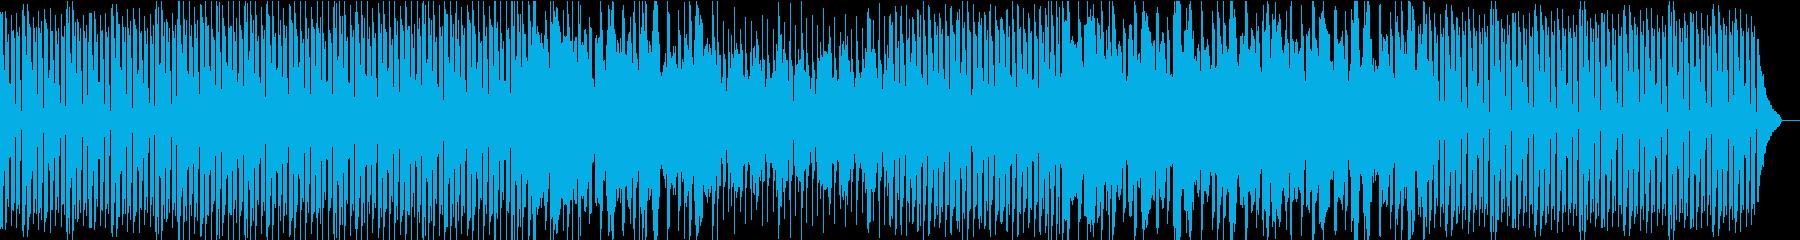 シンプルなエレクトロニカBGMの再生済みの波形